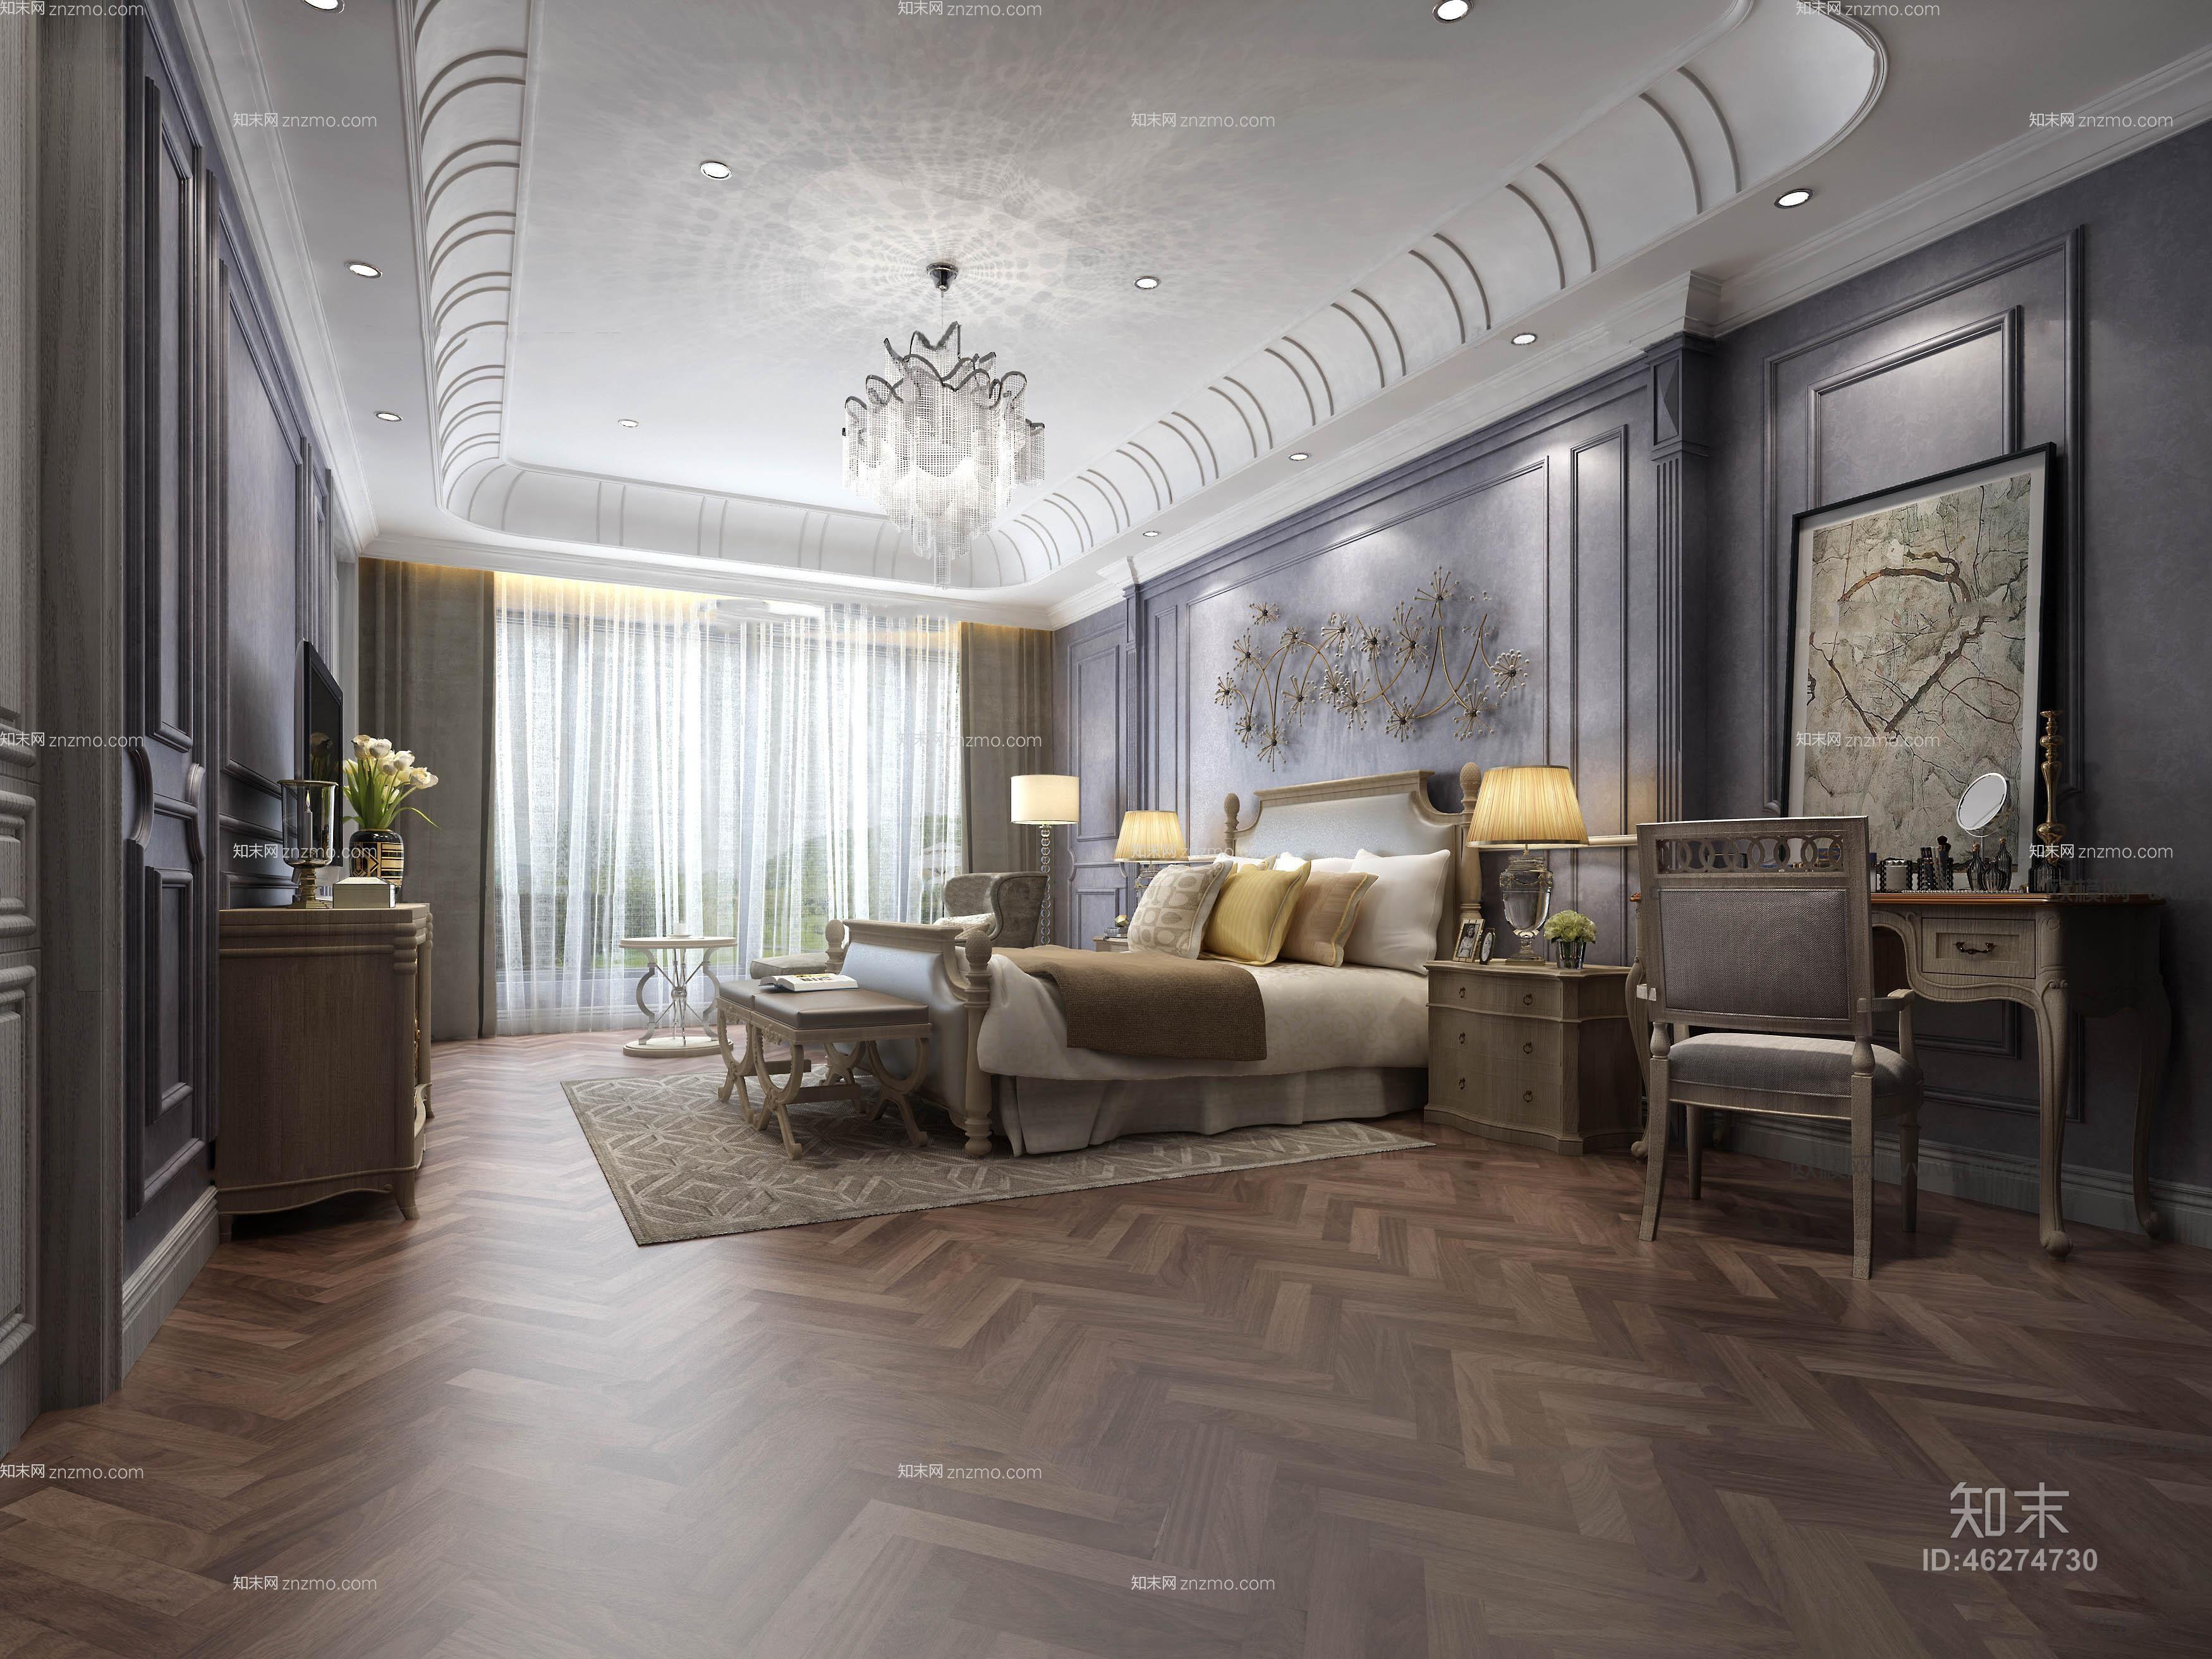 美式主人房卧室 吊灯 台灯 装饰柜 梳妆台 床尾凳 单人沙发